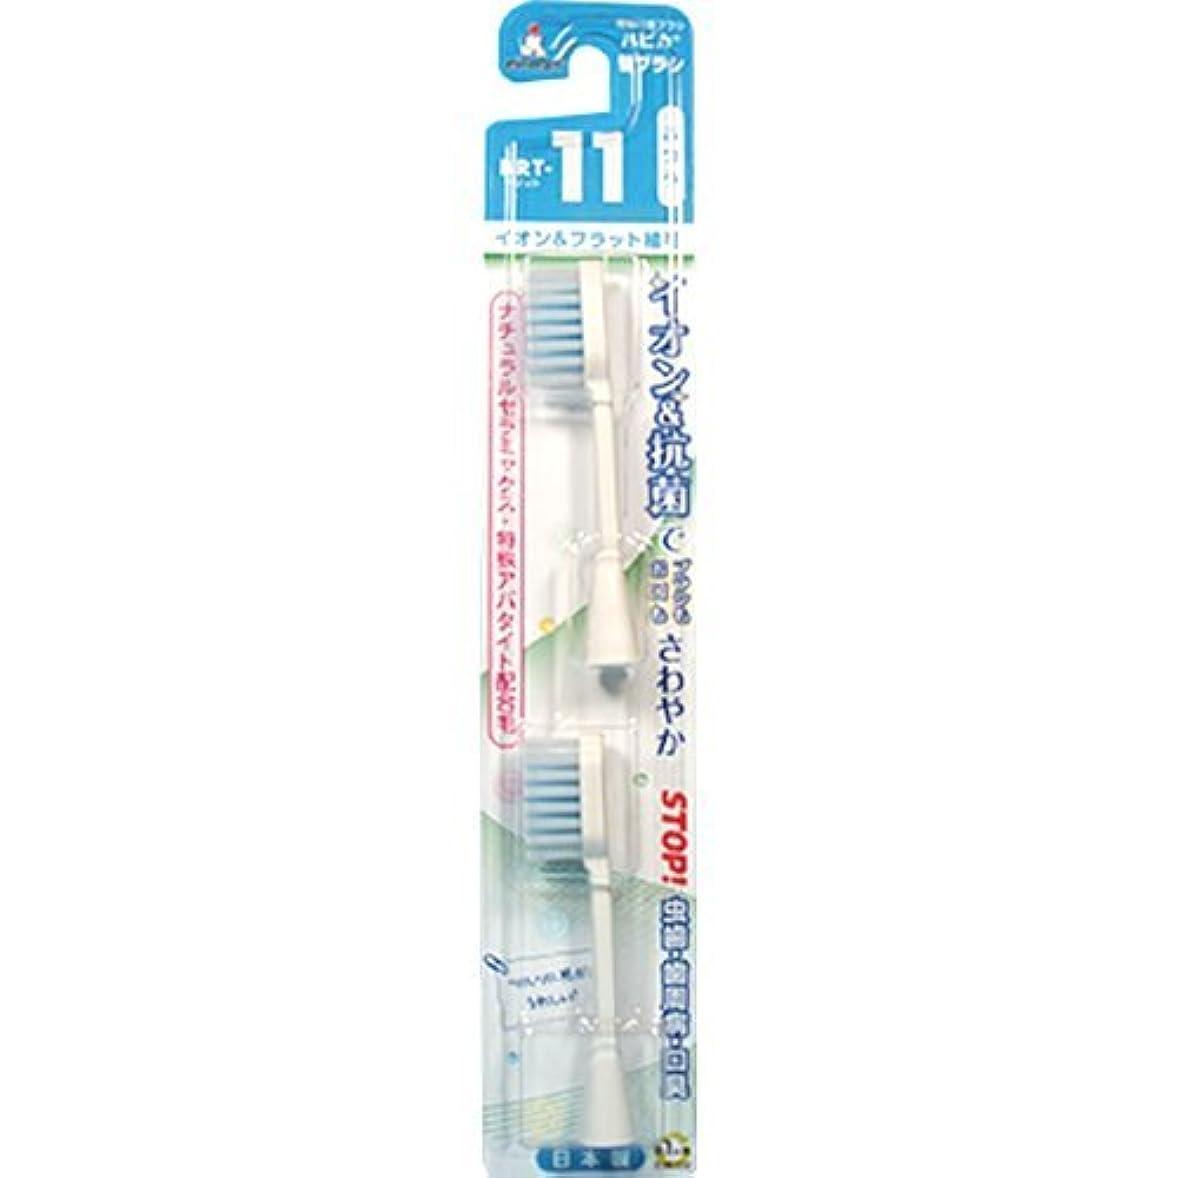 ホイスト空徹底的にミニマム 電動付歯ブラシ ハピカ 専用替ブラシ イオン+フラット植毛 毛の硬さ:ふつう BRT-11 2個入